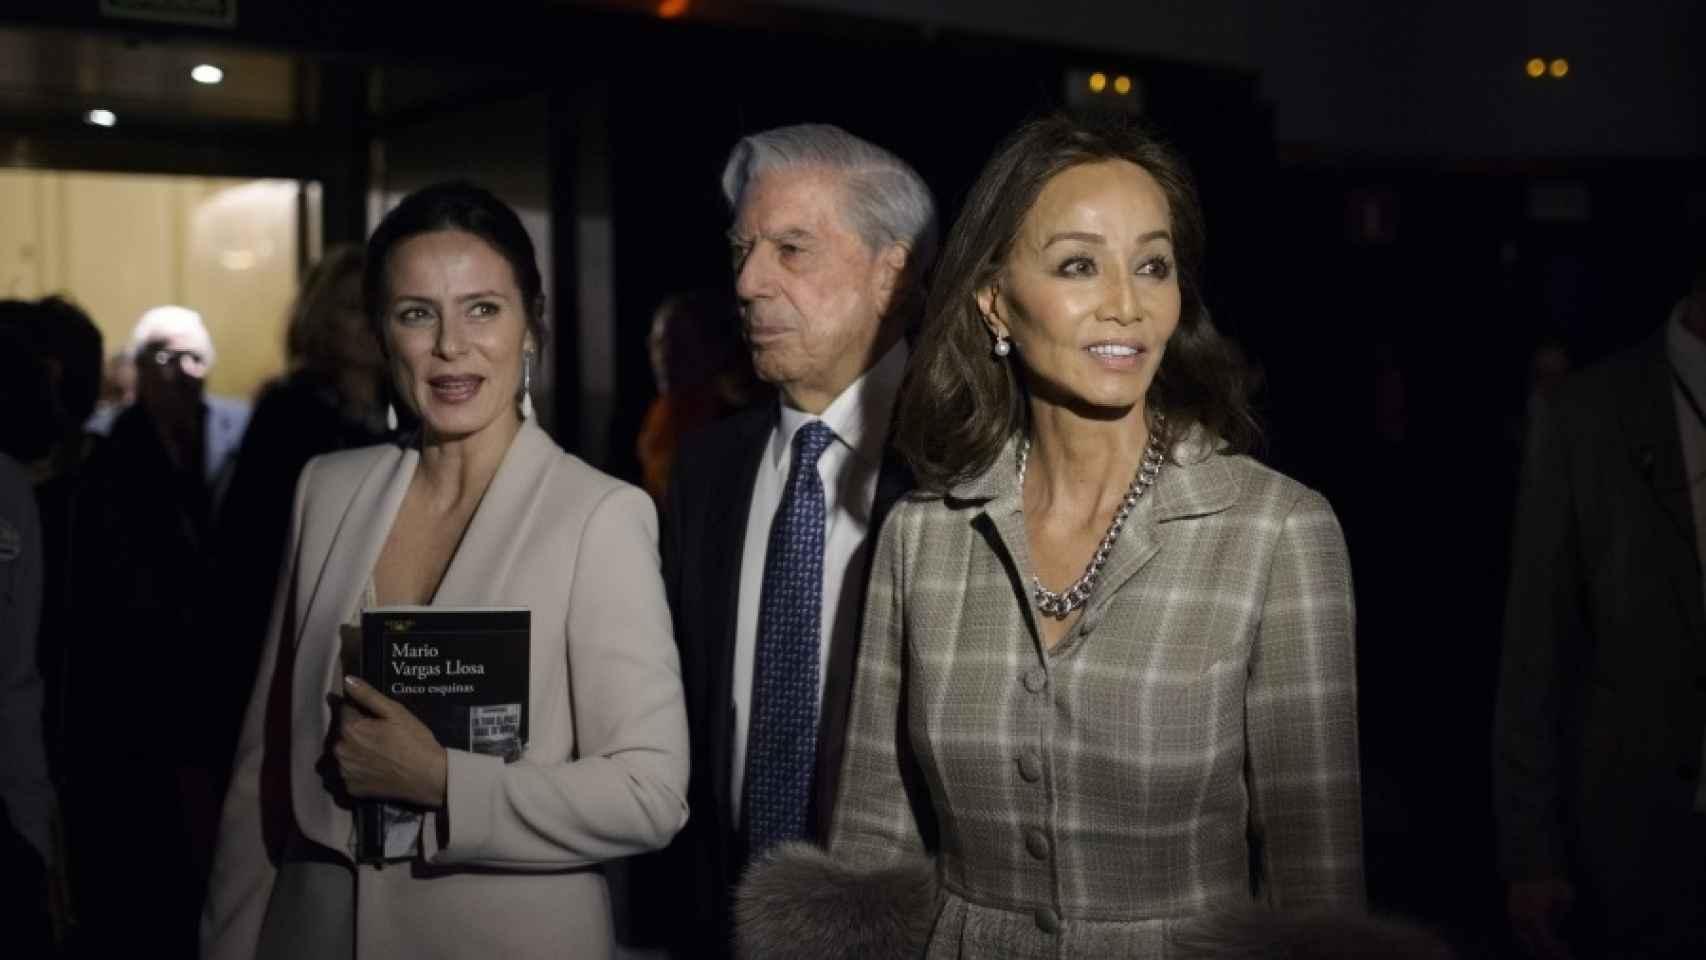 Aitana Sánchez Gijón y la pareja, en la noche de luces de la nueva novela.